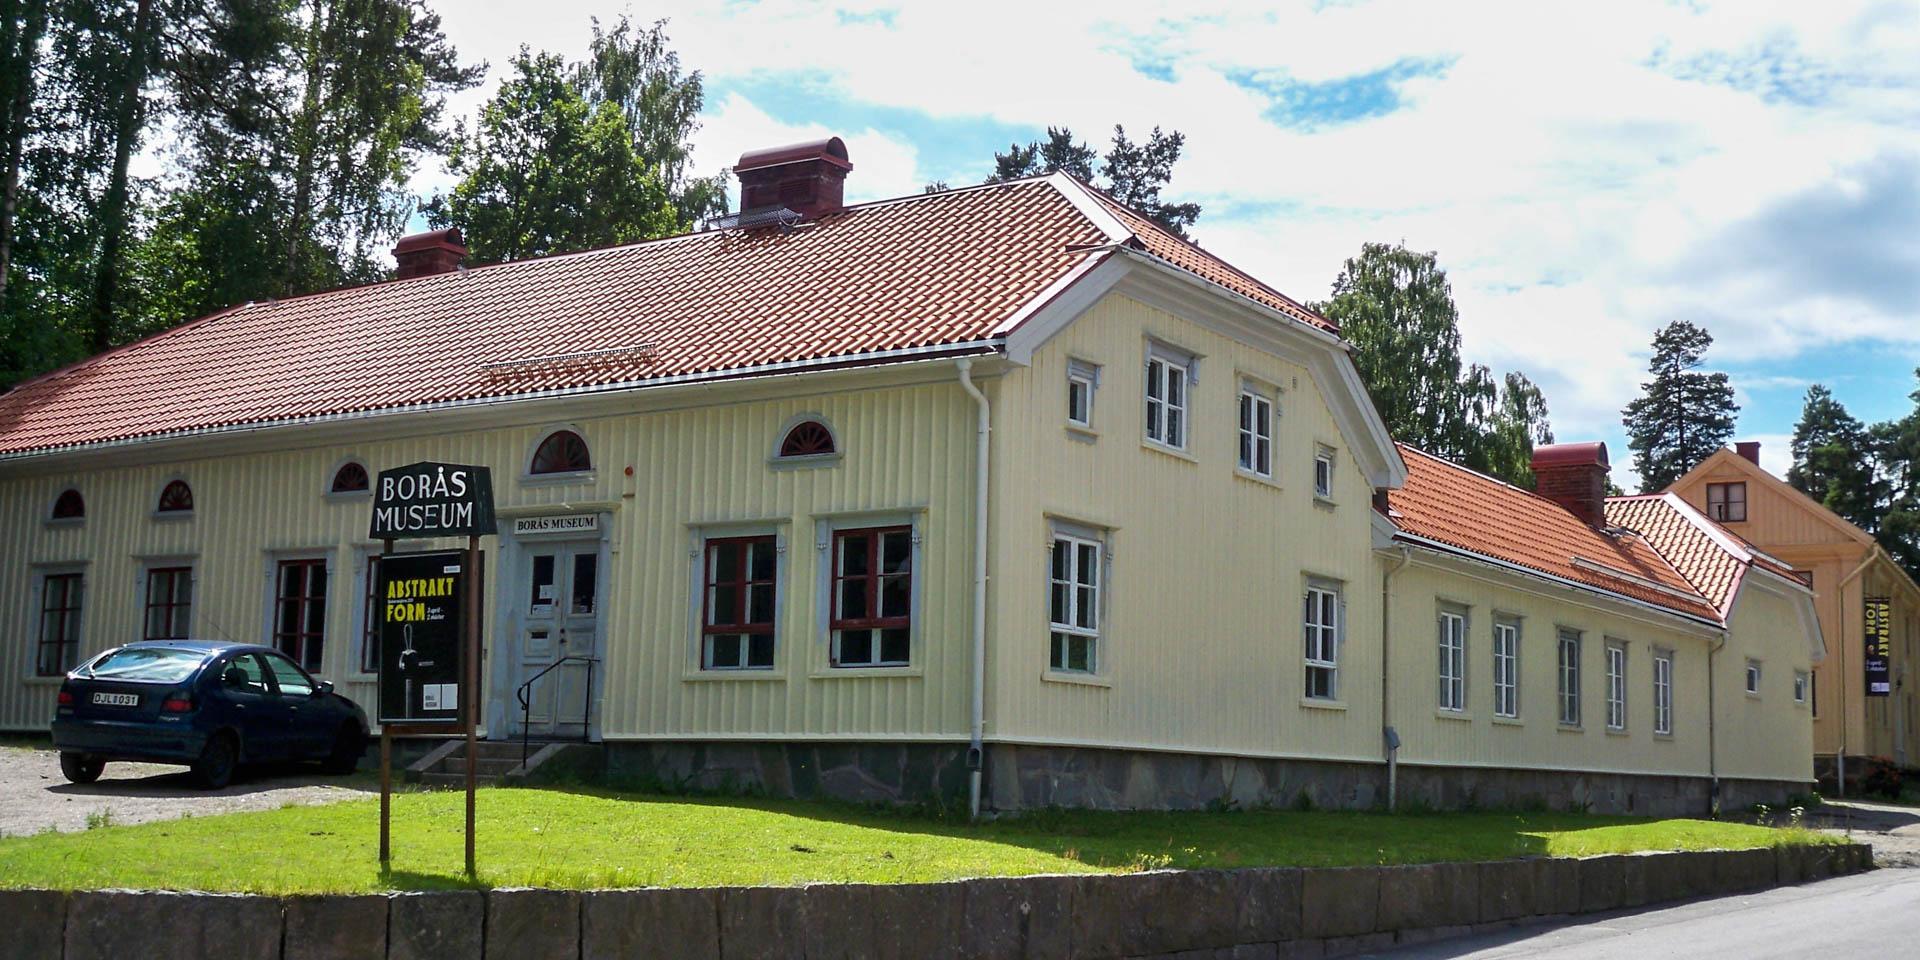 Borås Museum 2011